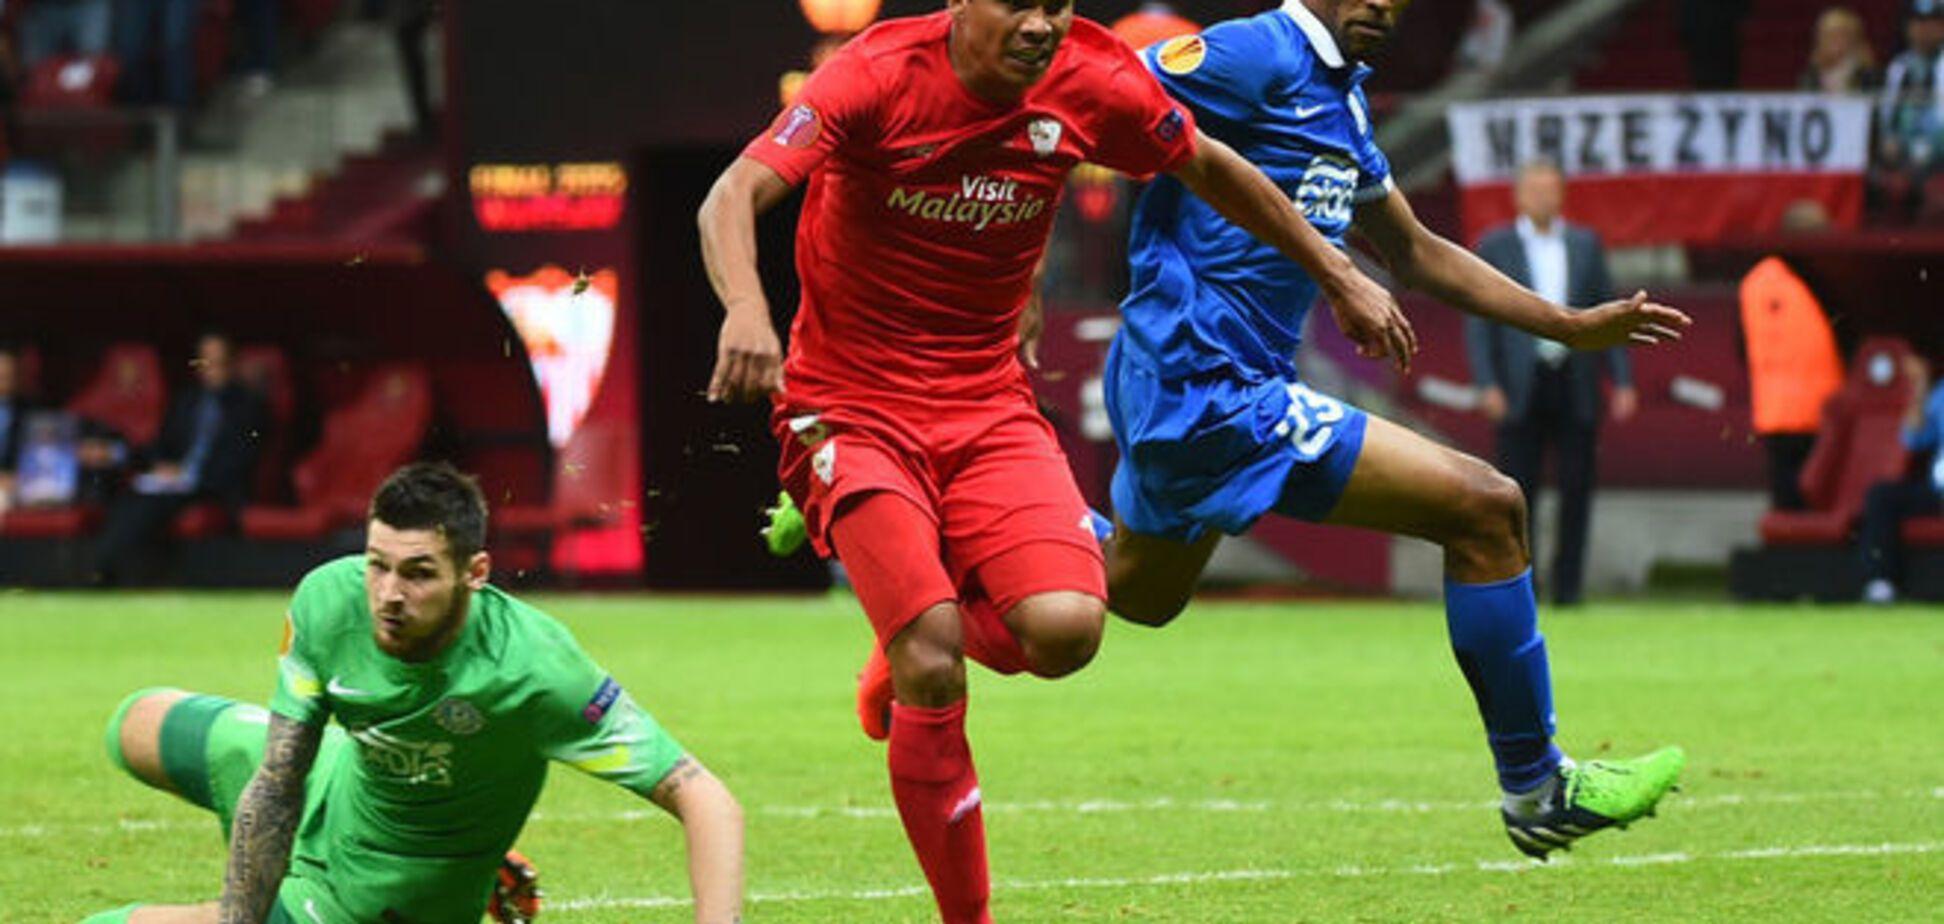 'Днепр' проиграл 'Севилье' в финале Лиги Европы